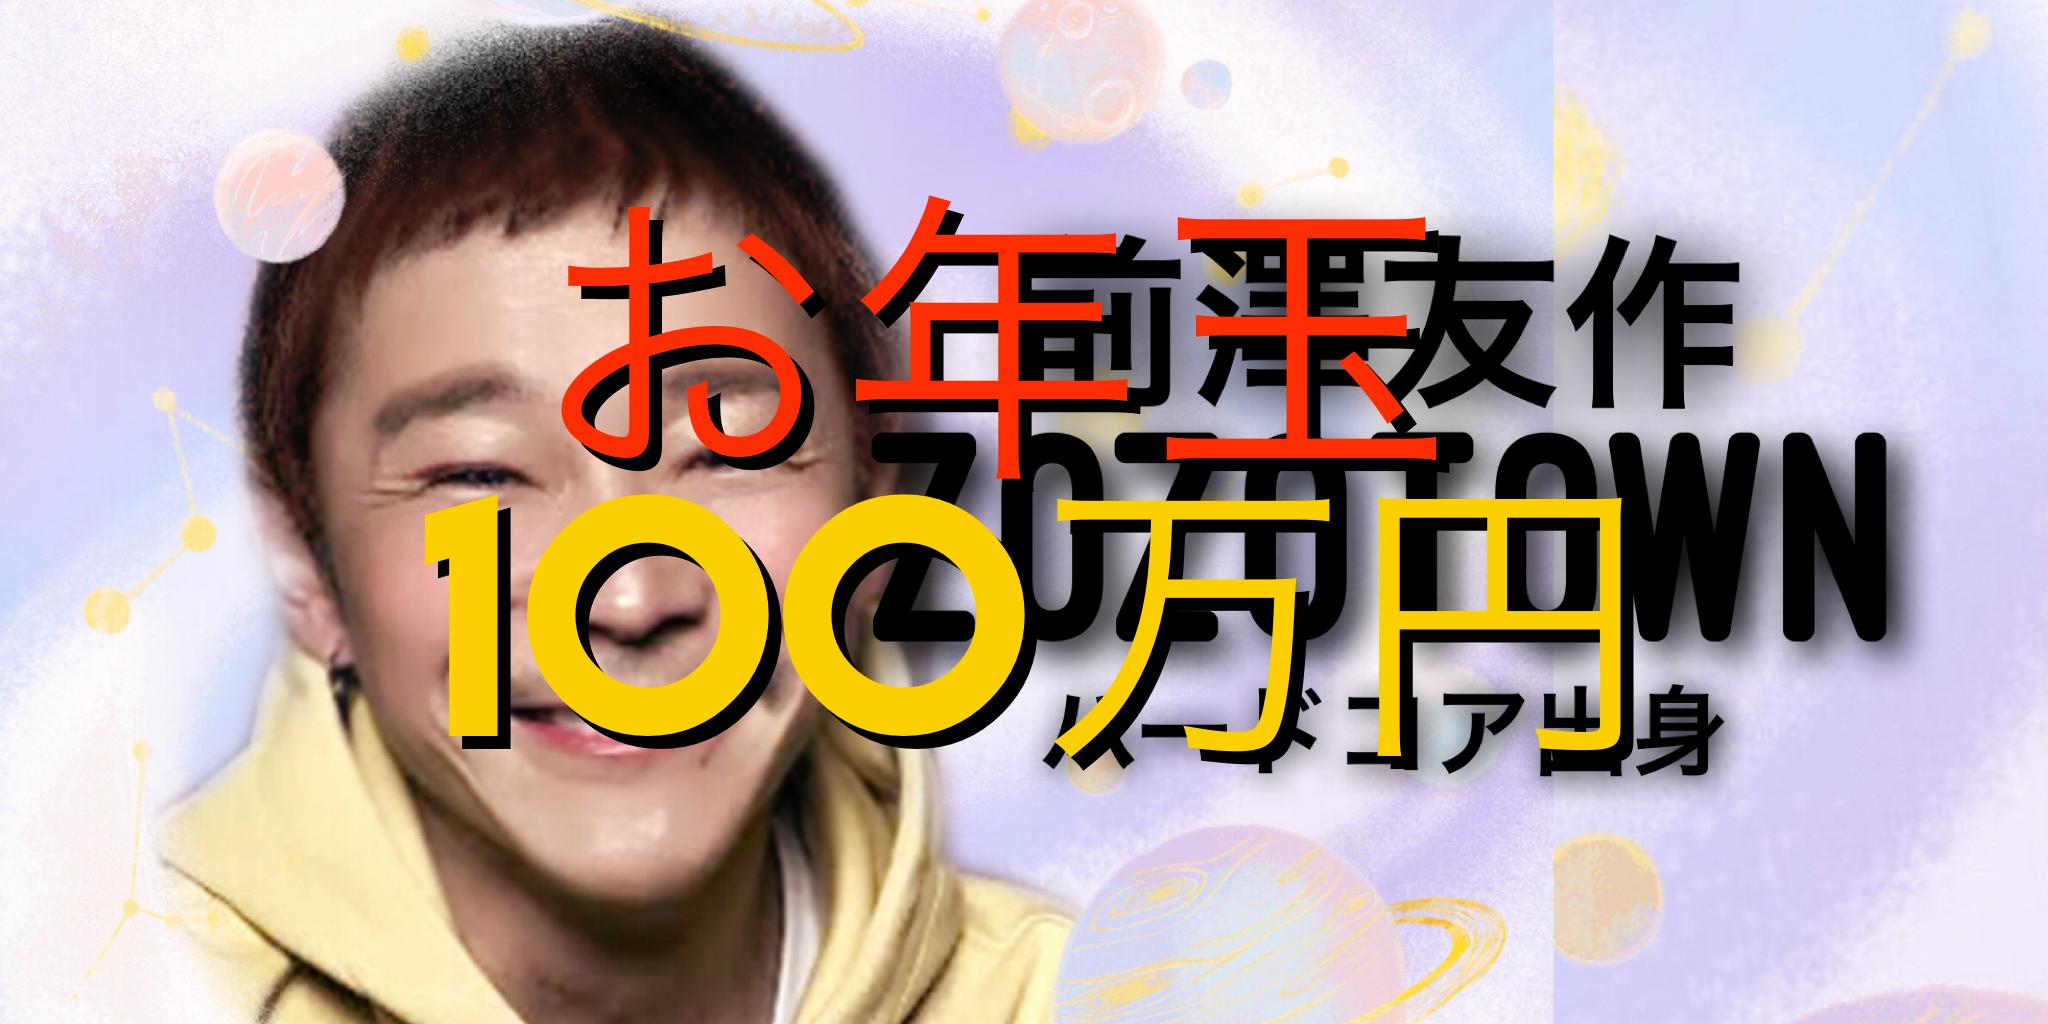 仮想通貨経営幹部が参画、ZOZO前澤友作氏の新事業 日本国内ビットコイン好影響も   CoinPartner(コインパートナー)